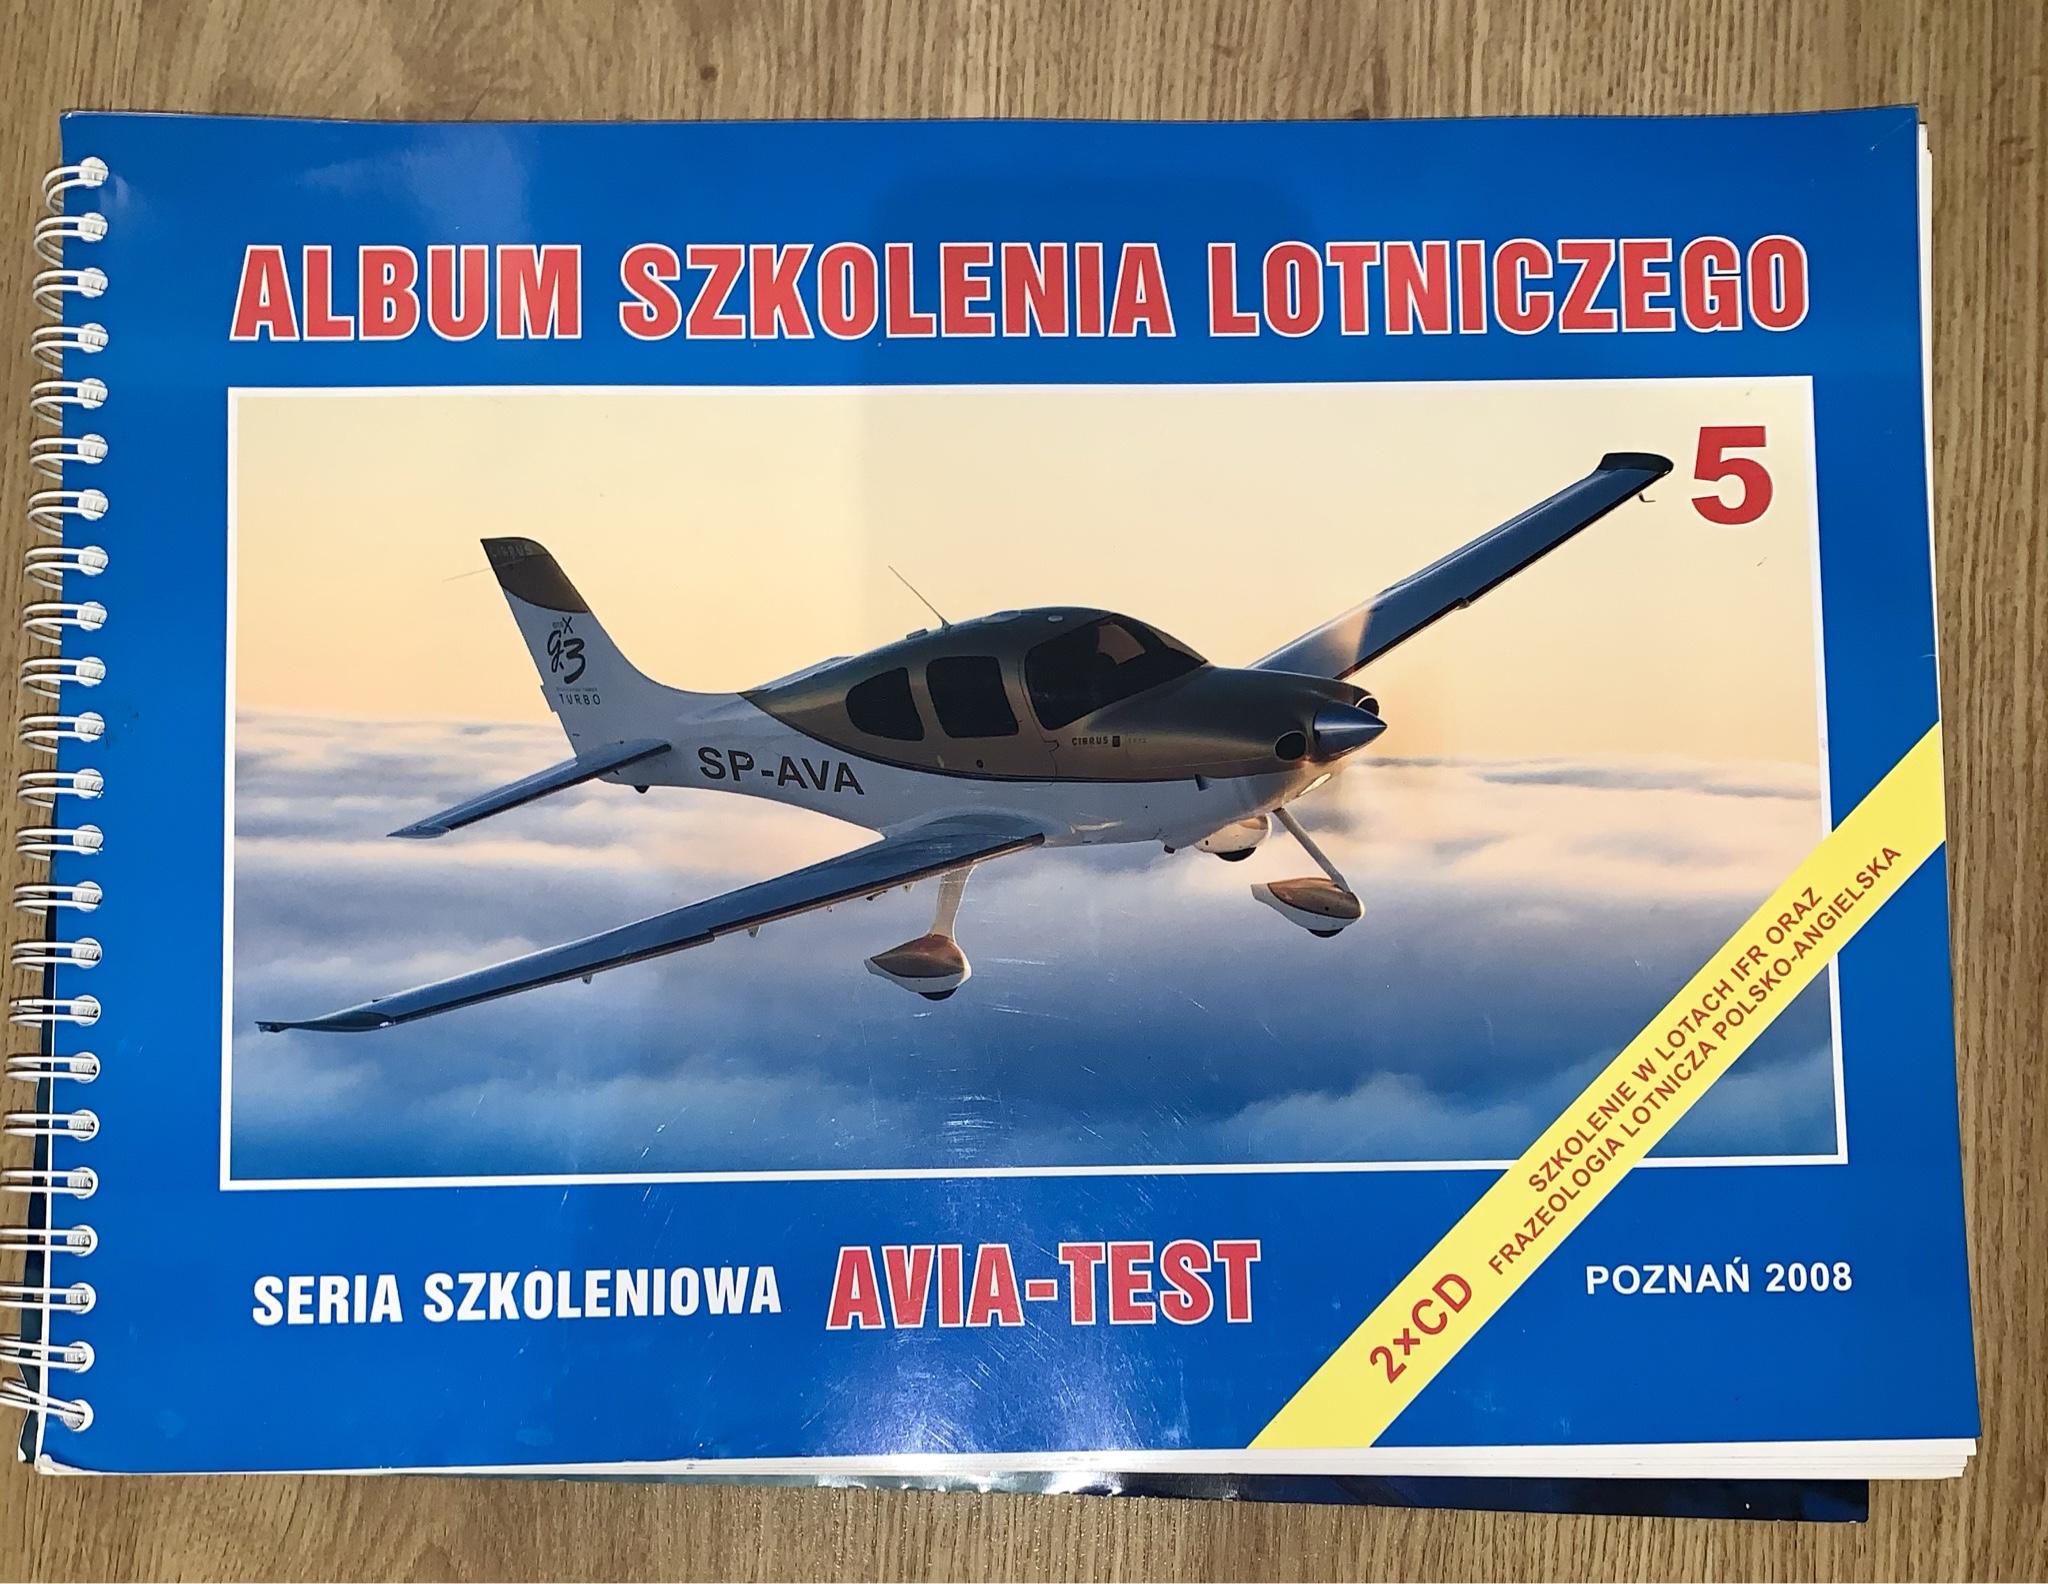 Album Szkolenia Lotniczego Szutowski Avia Test Kup Teraz Za 199 00 Zl Krakow Allegro Lokalnie